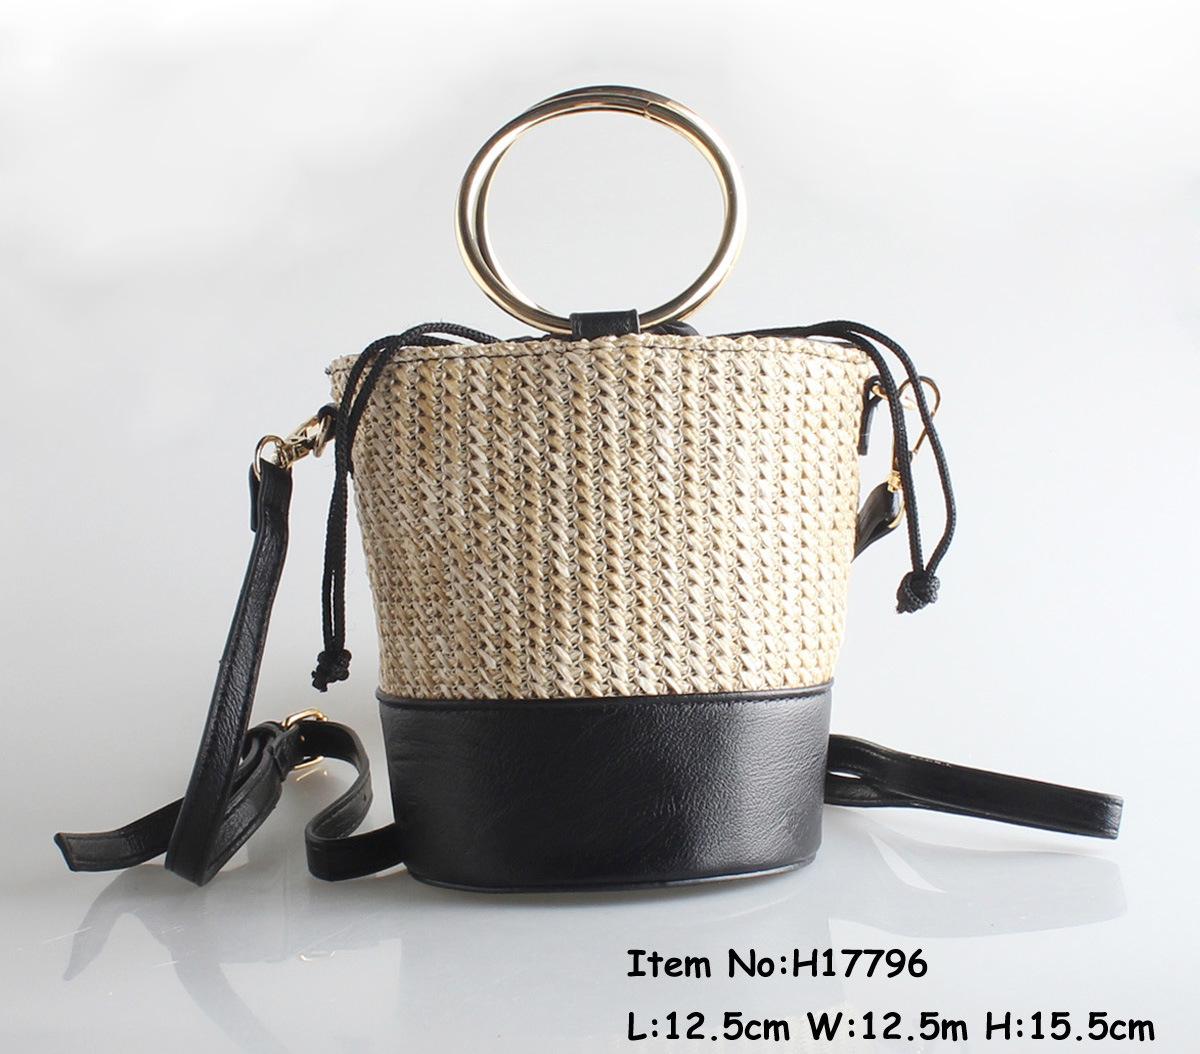 2017 Fashion Lady Handbags (H17796)